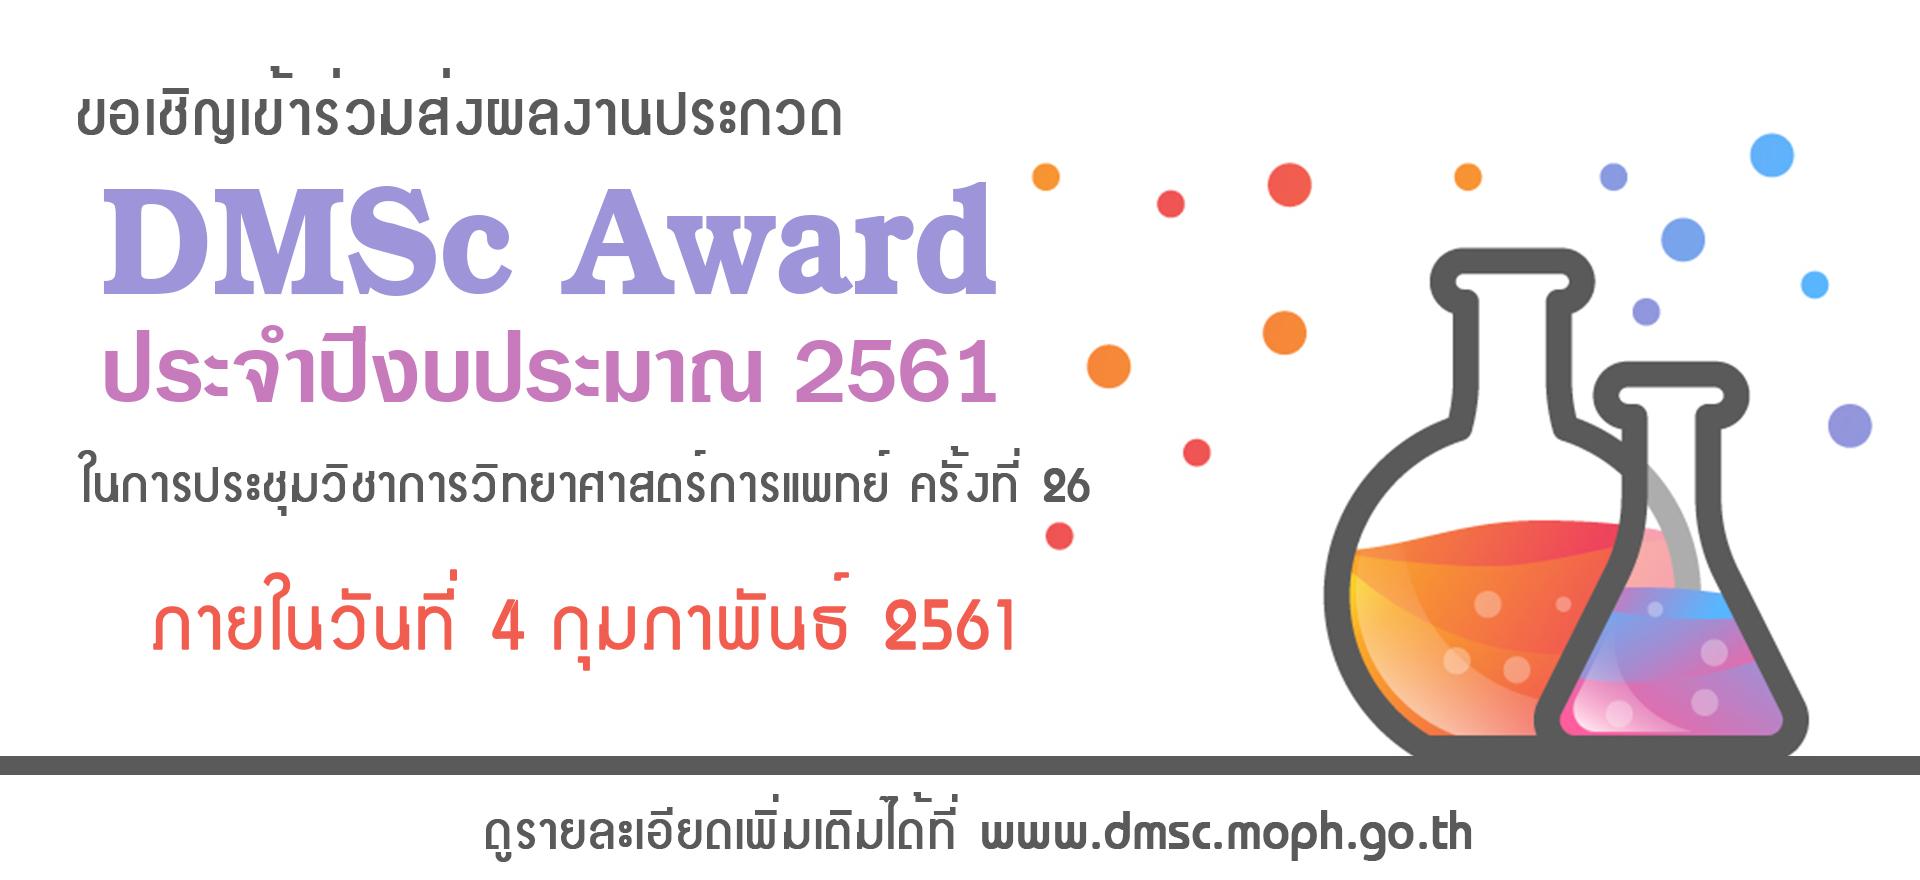 ขอเชิญร่วมส่งผลงานเข้าประกวด DMSc Award ประจำปีงบประมาณ 2561